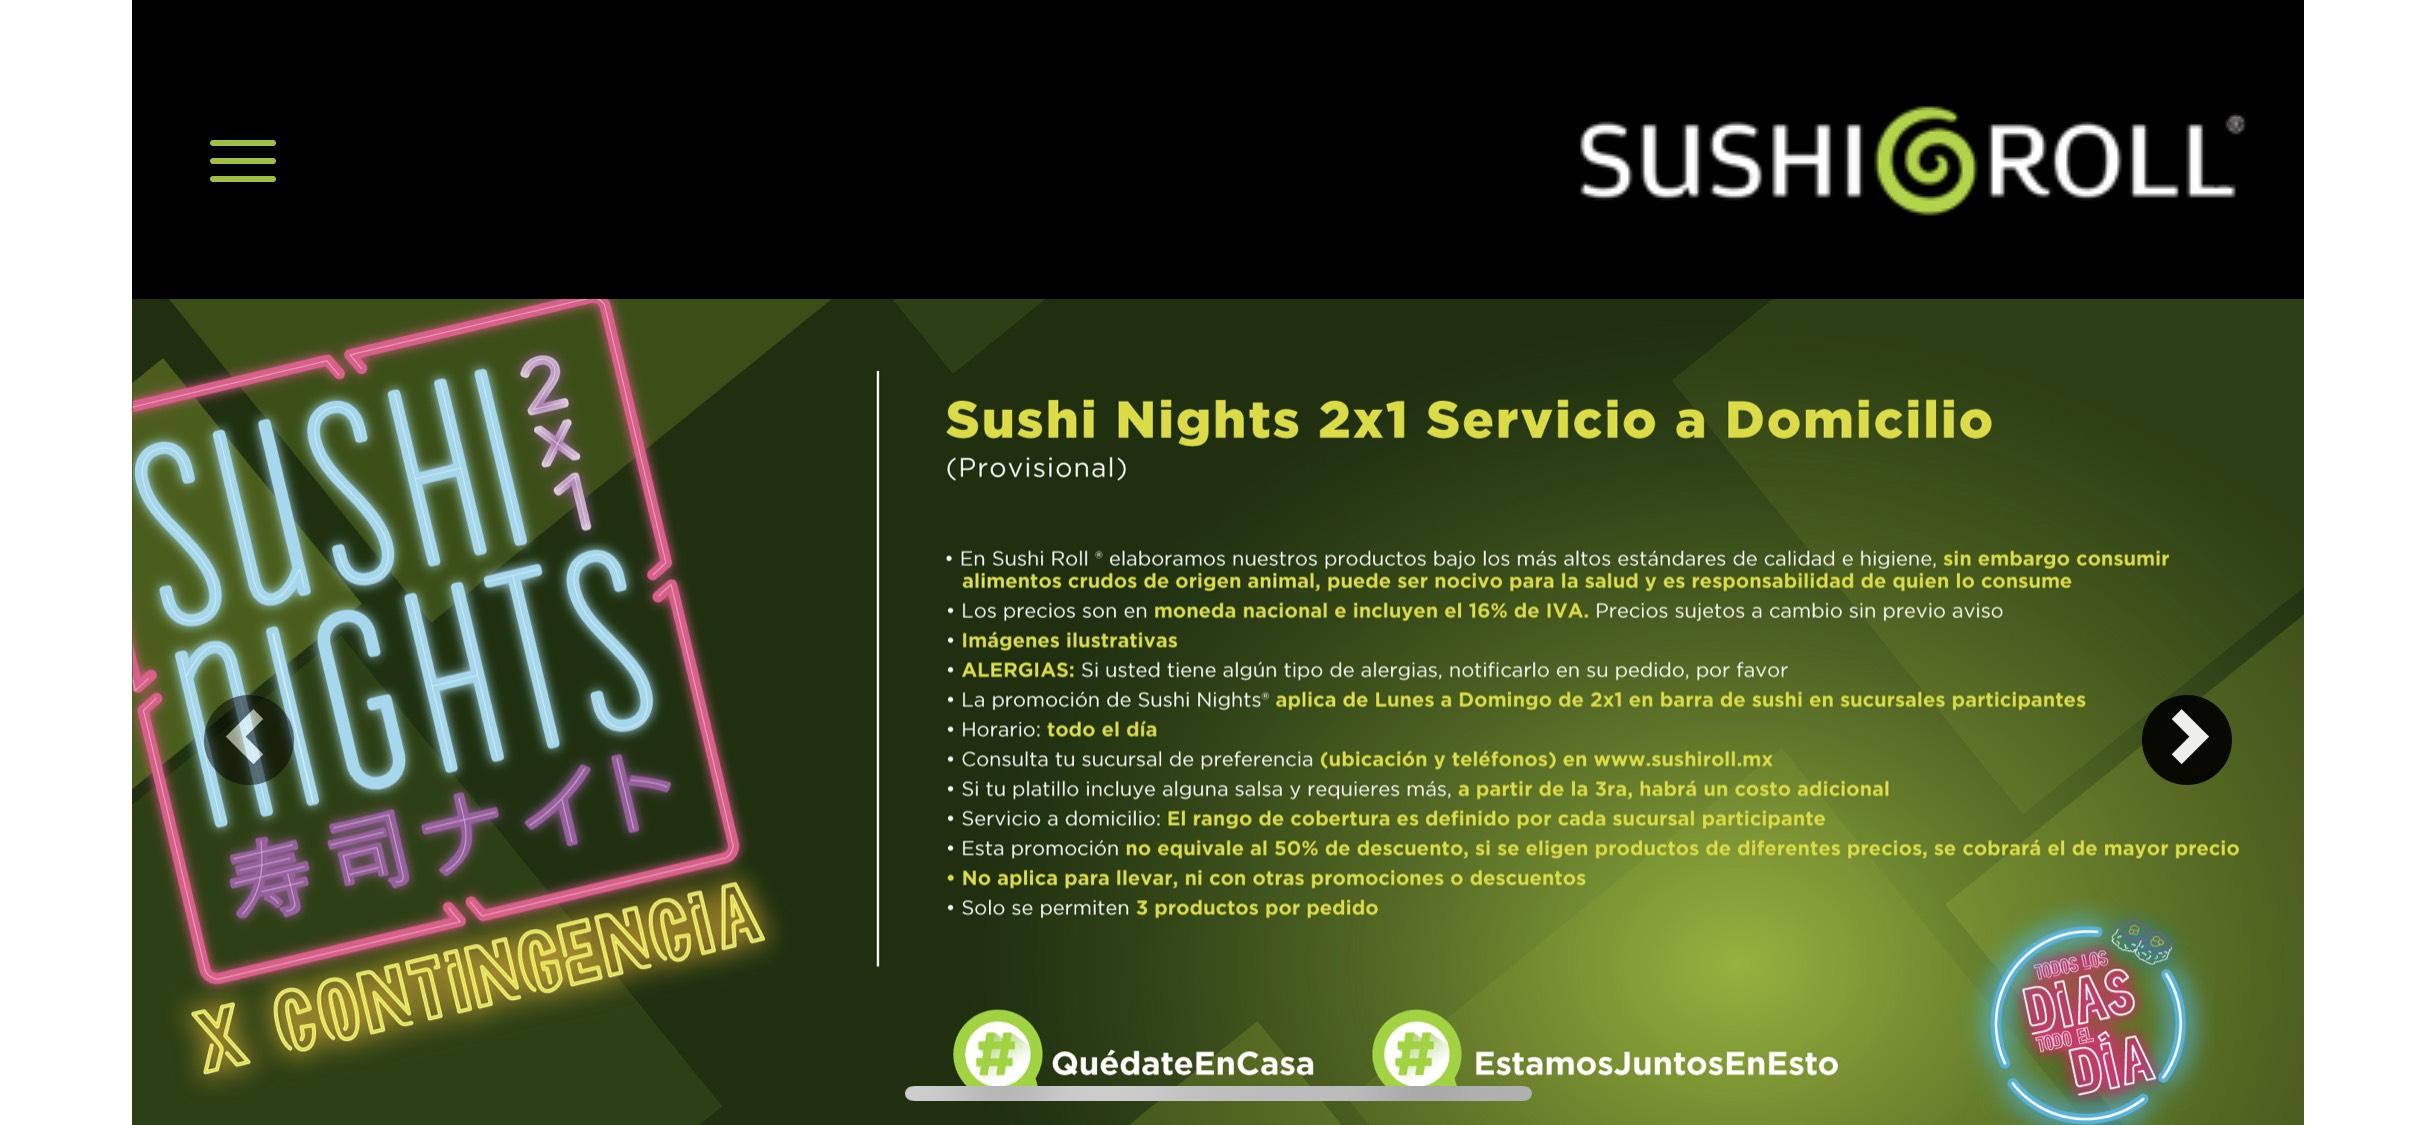 Sushi Roll: 2x1 todo el día, toda la semana, a domicilio